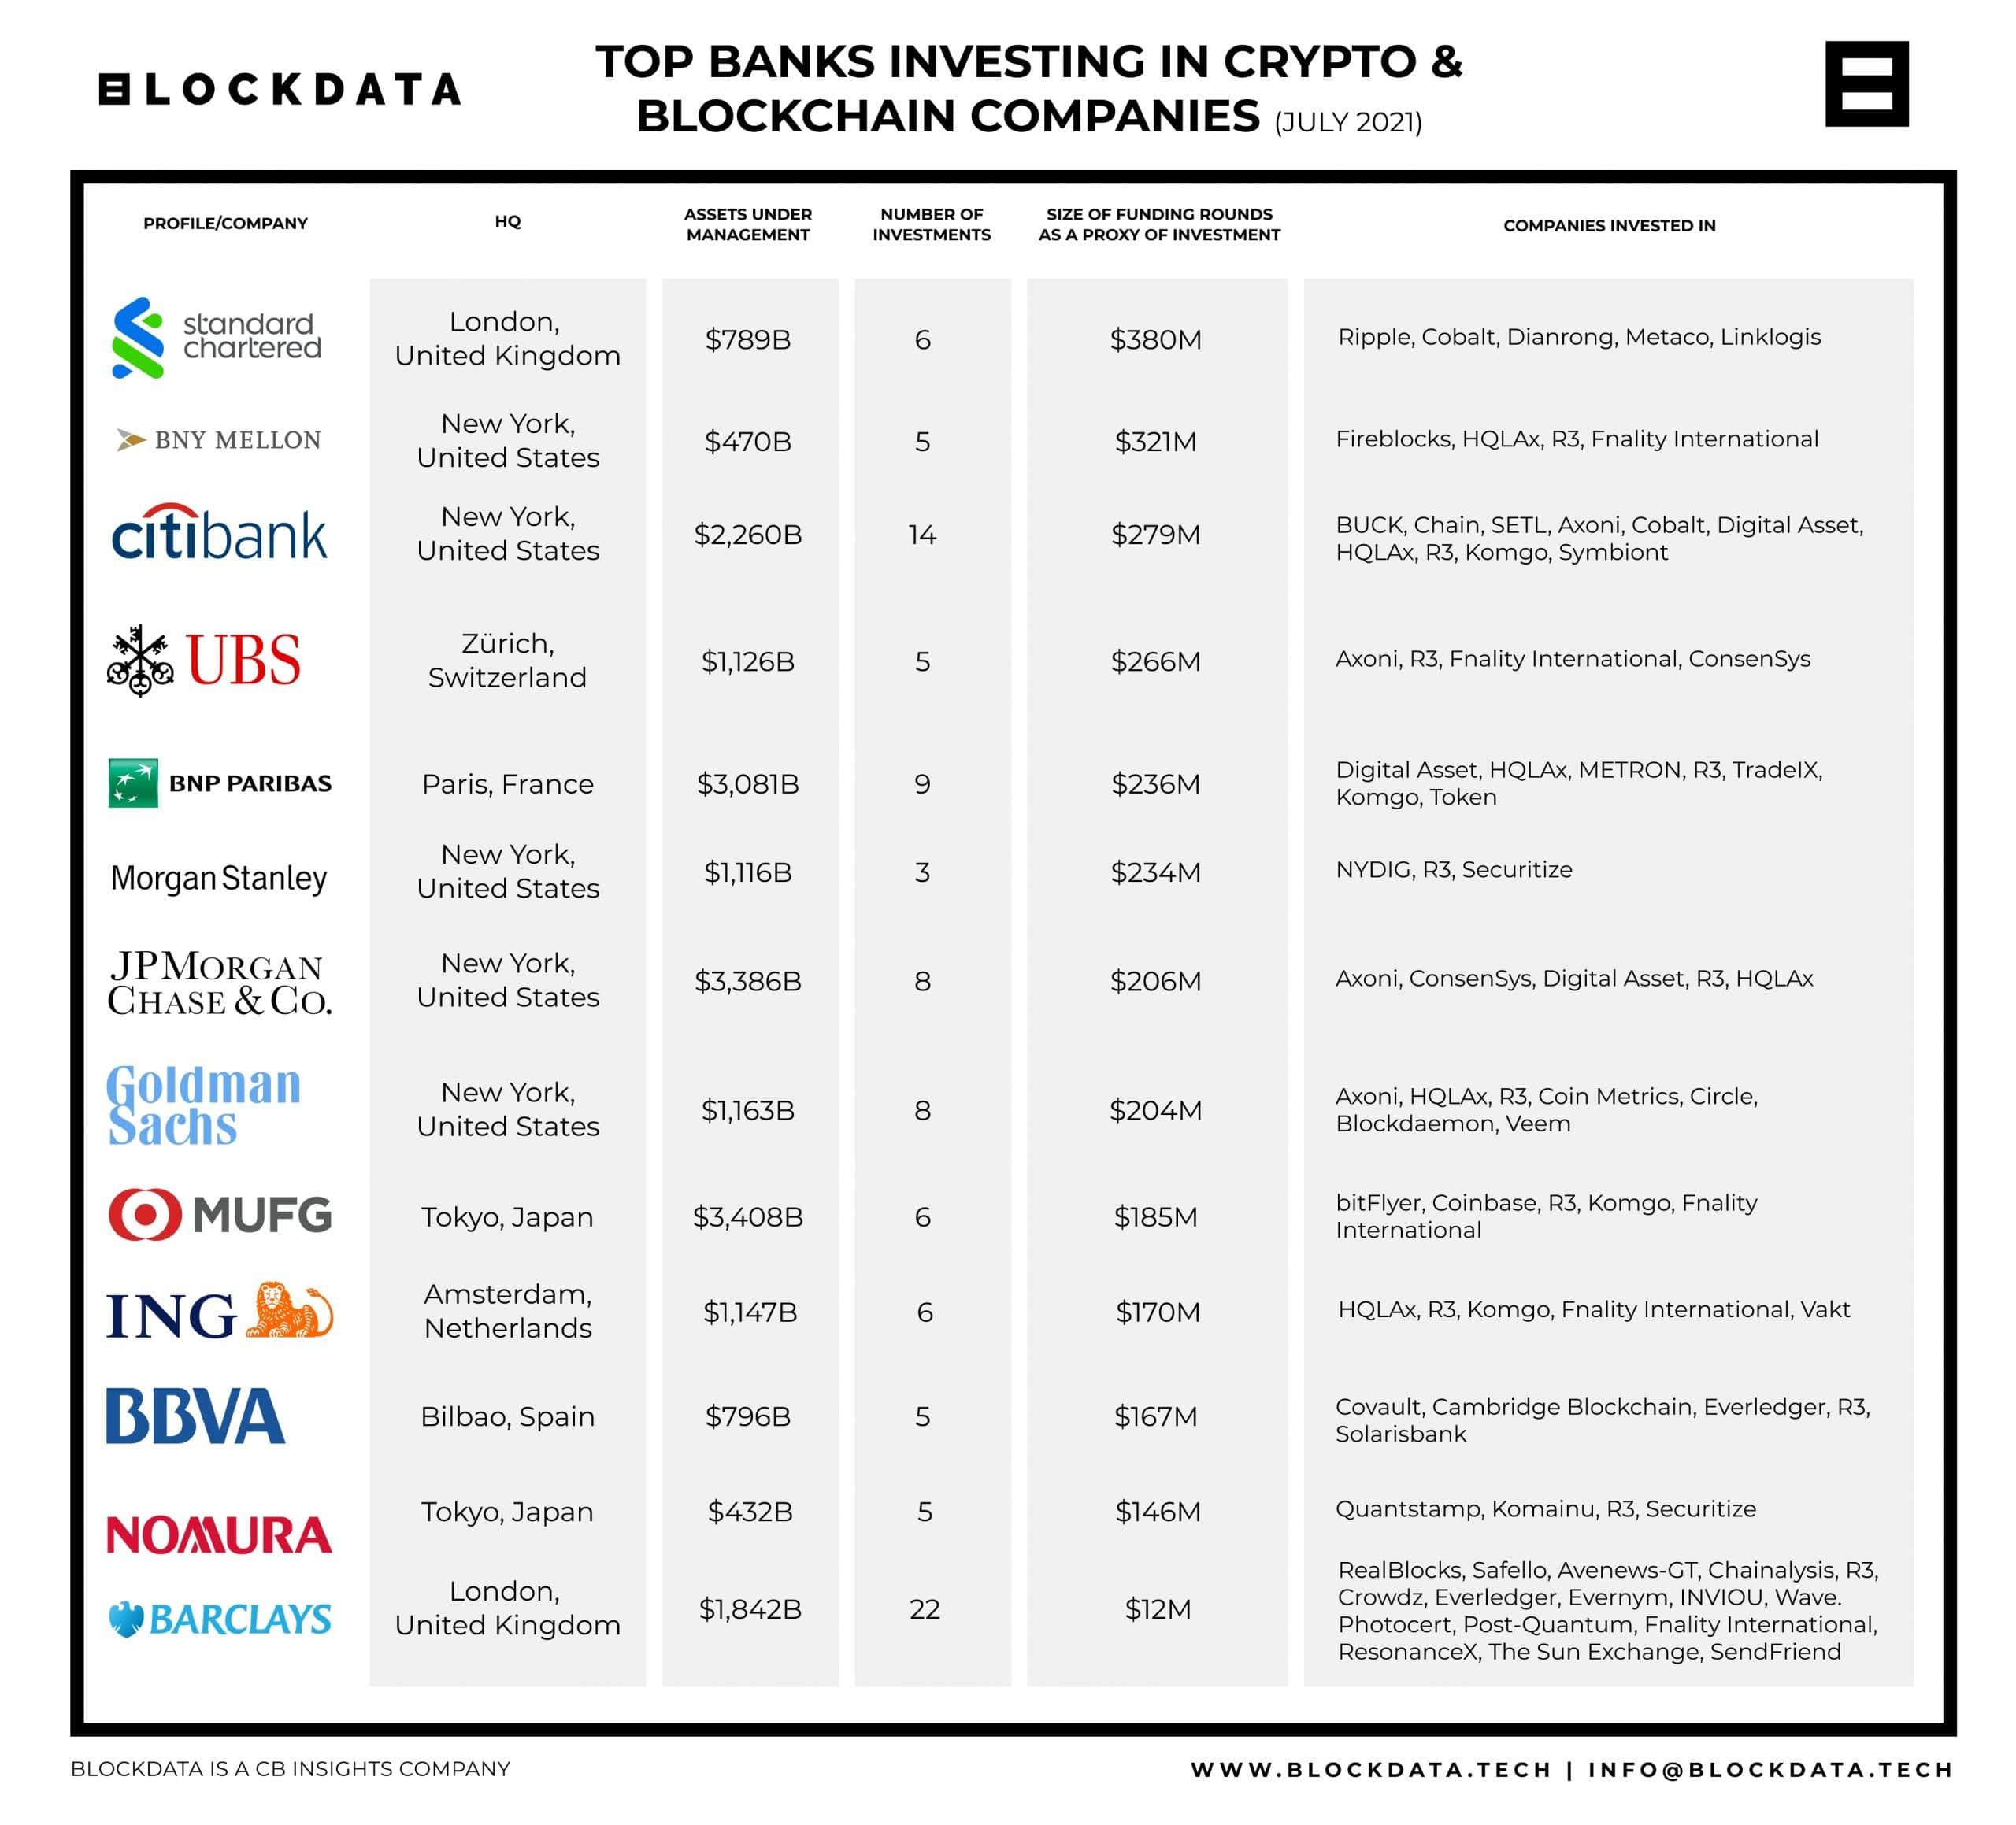 La liste des banques investissement dans la cryptomonnaie et Blockchain.